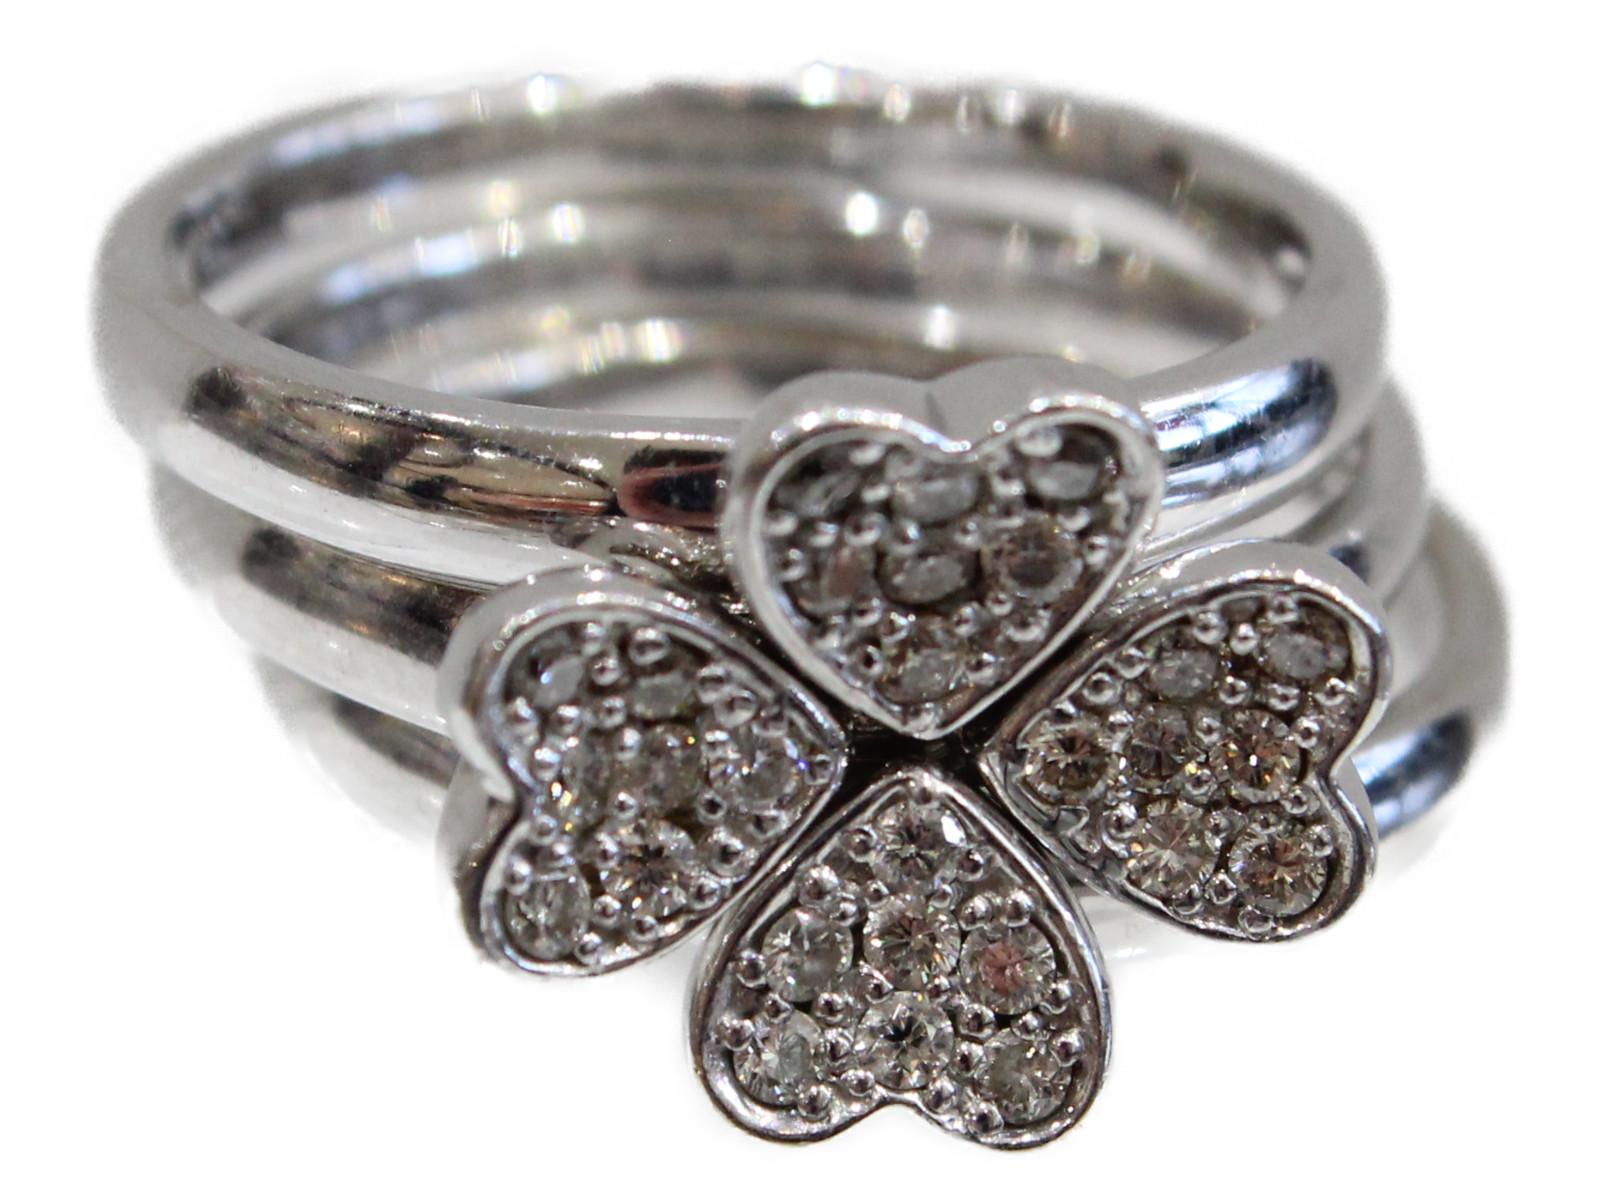 3連リングダイヤモンド0.3ct K18WG8.8g 12.5号シンプル 四つ葉クローバープレゼント包装可 【中古】